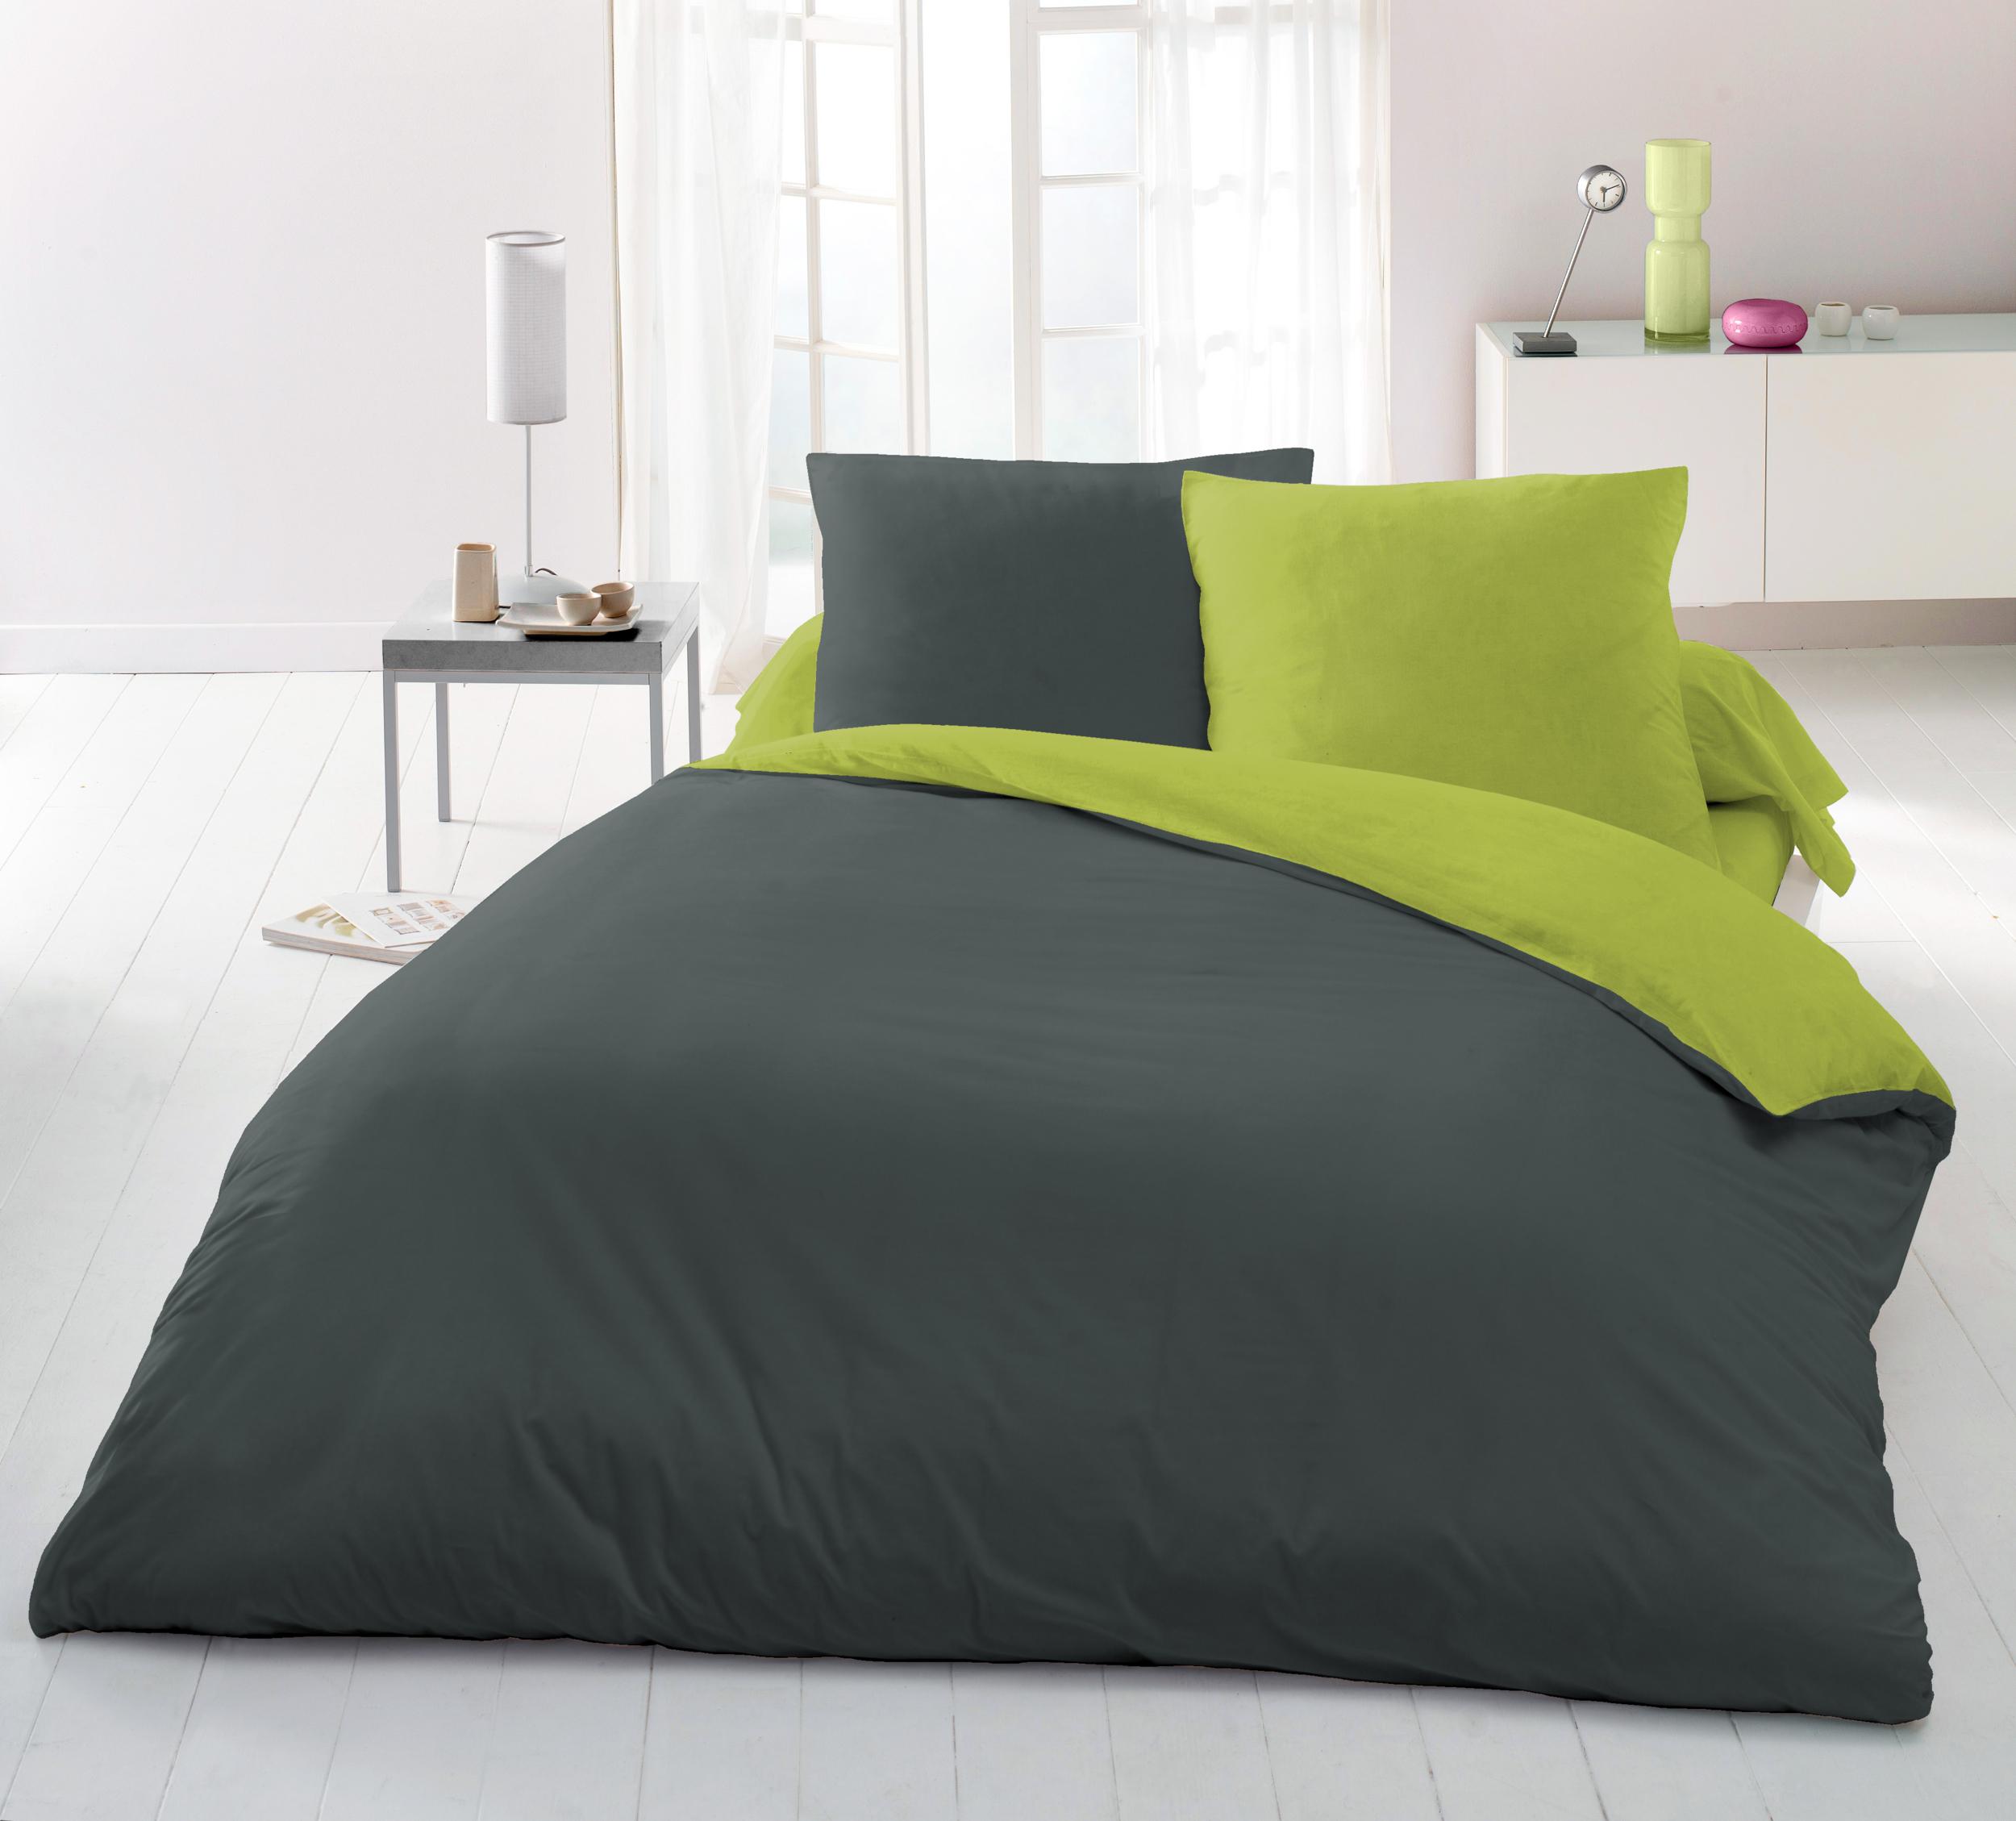 Parure de couette Anthracite/vert, 2 tailles d?oreillers offertes